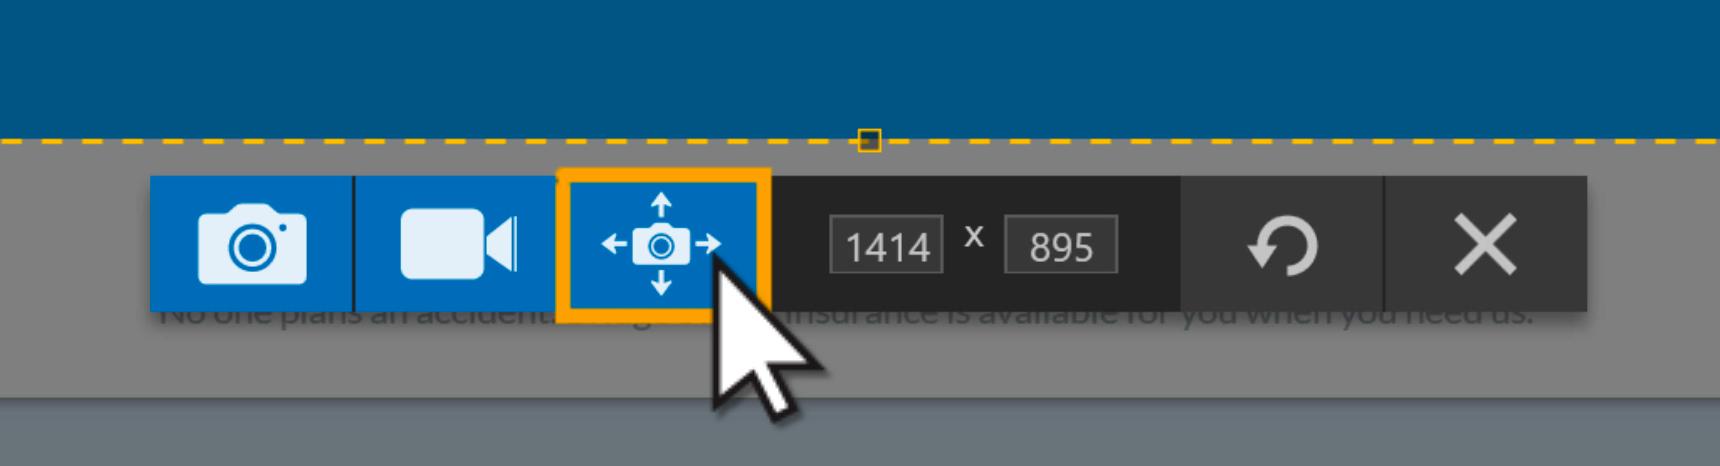 Snagit Panoramic Capture Toolbar